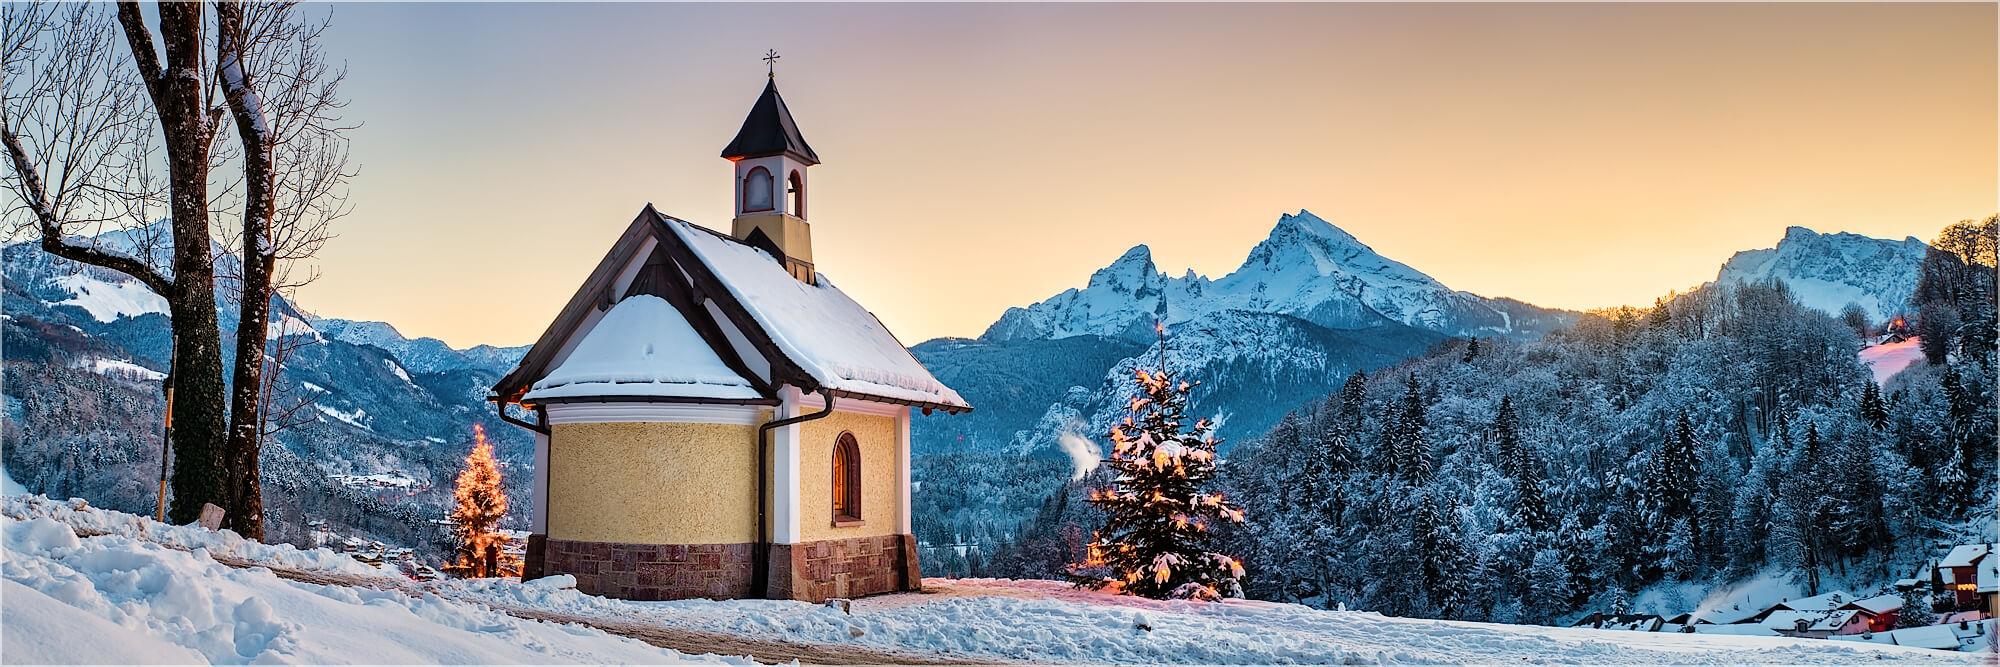 Panoramafoto Winter in Berchtesgaden am Lockstein